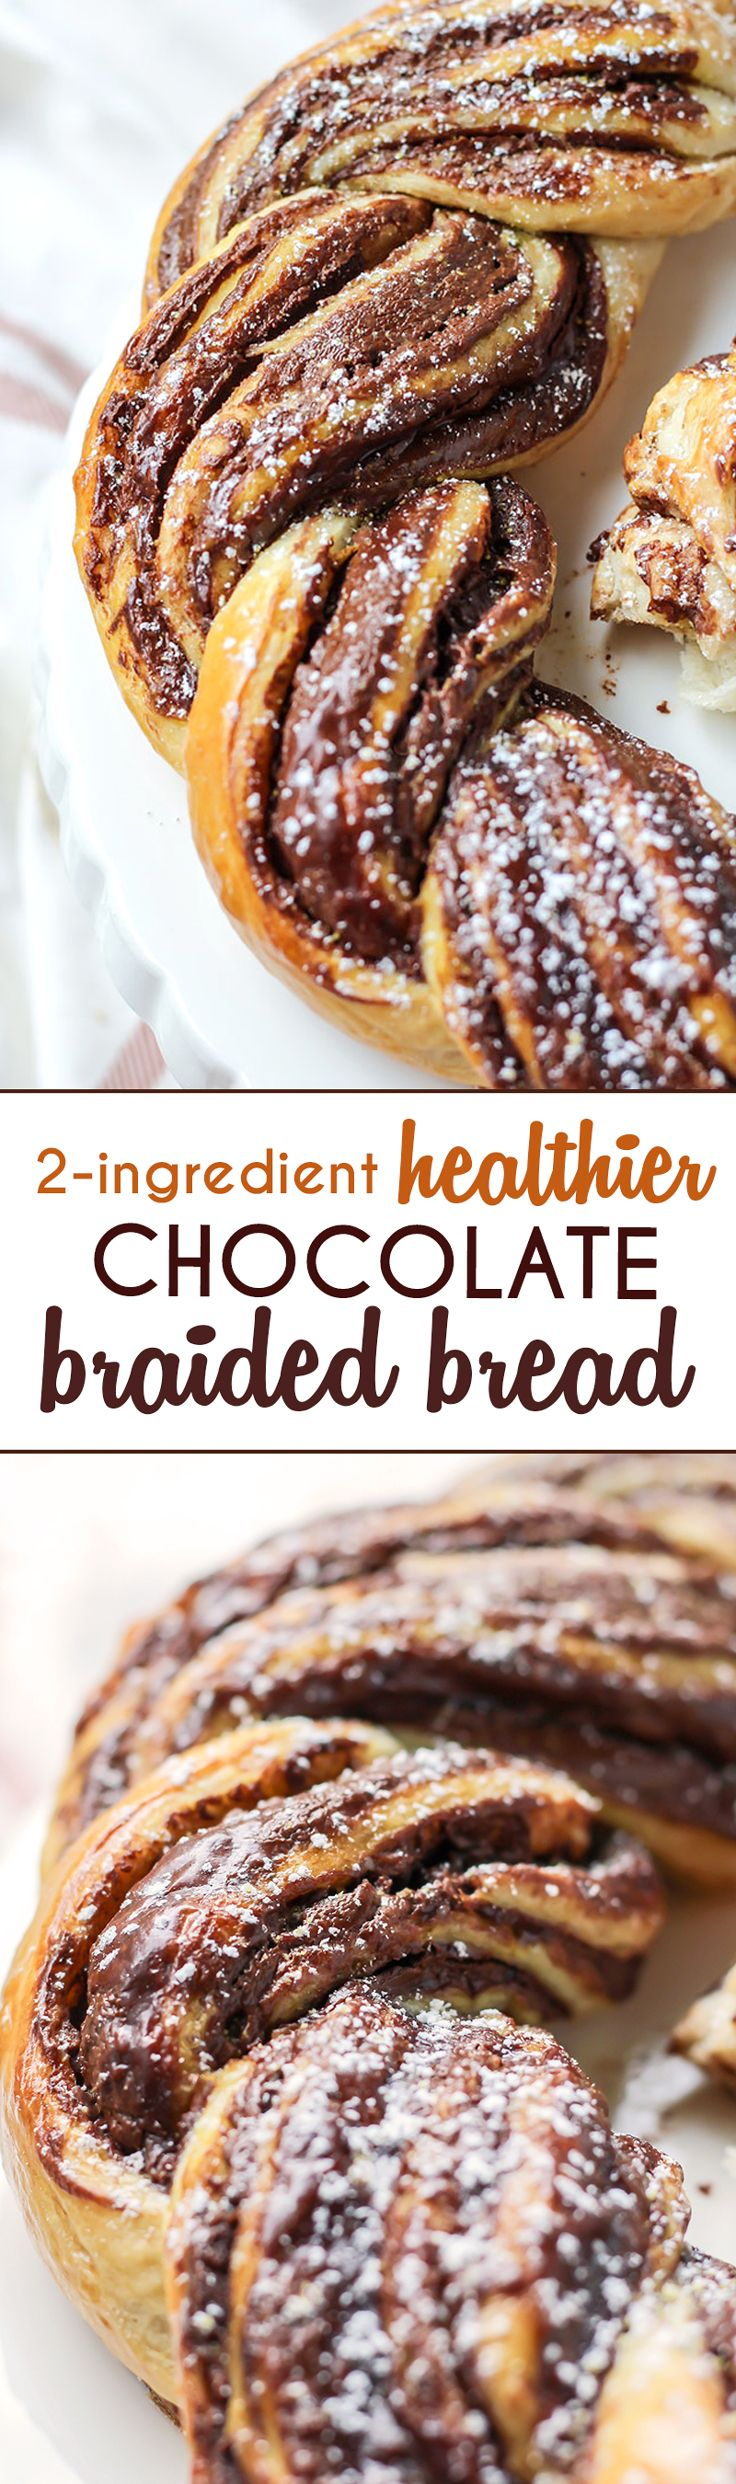 Vegan-friendly 2-Ingredient Chocolate Braided Bread  (It's easier than it looks!)